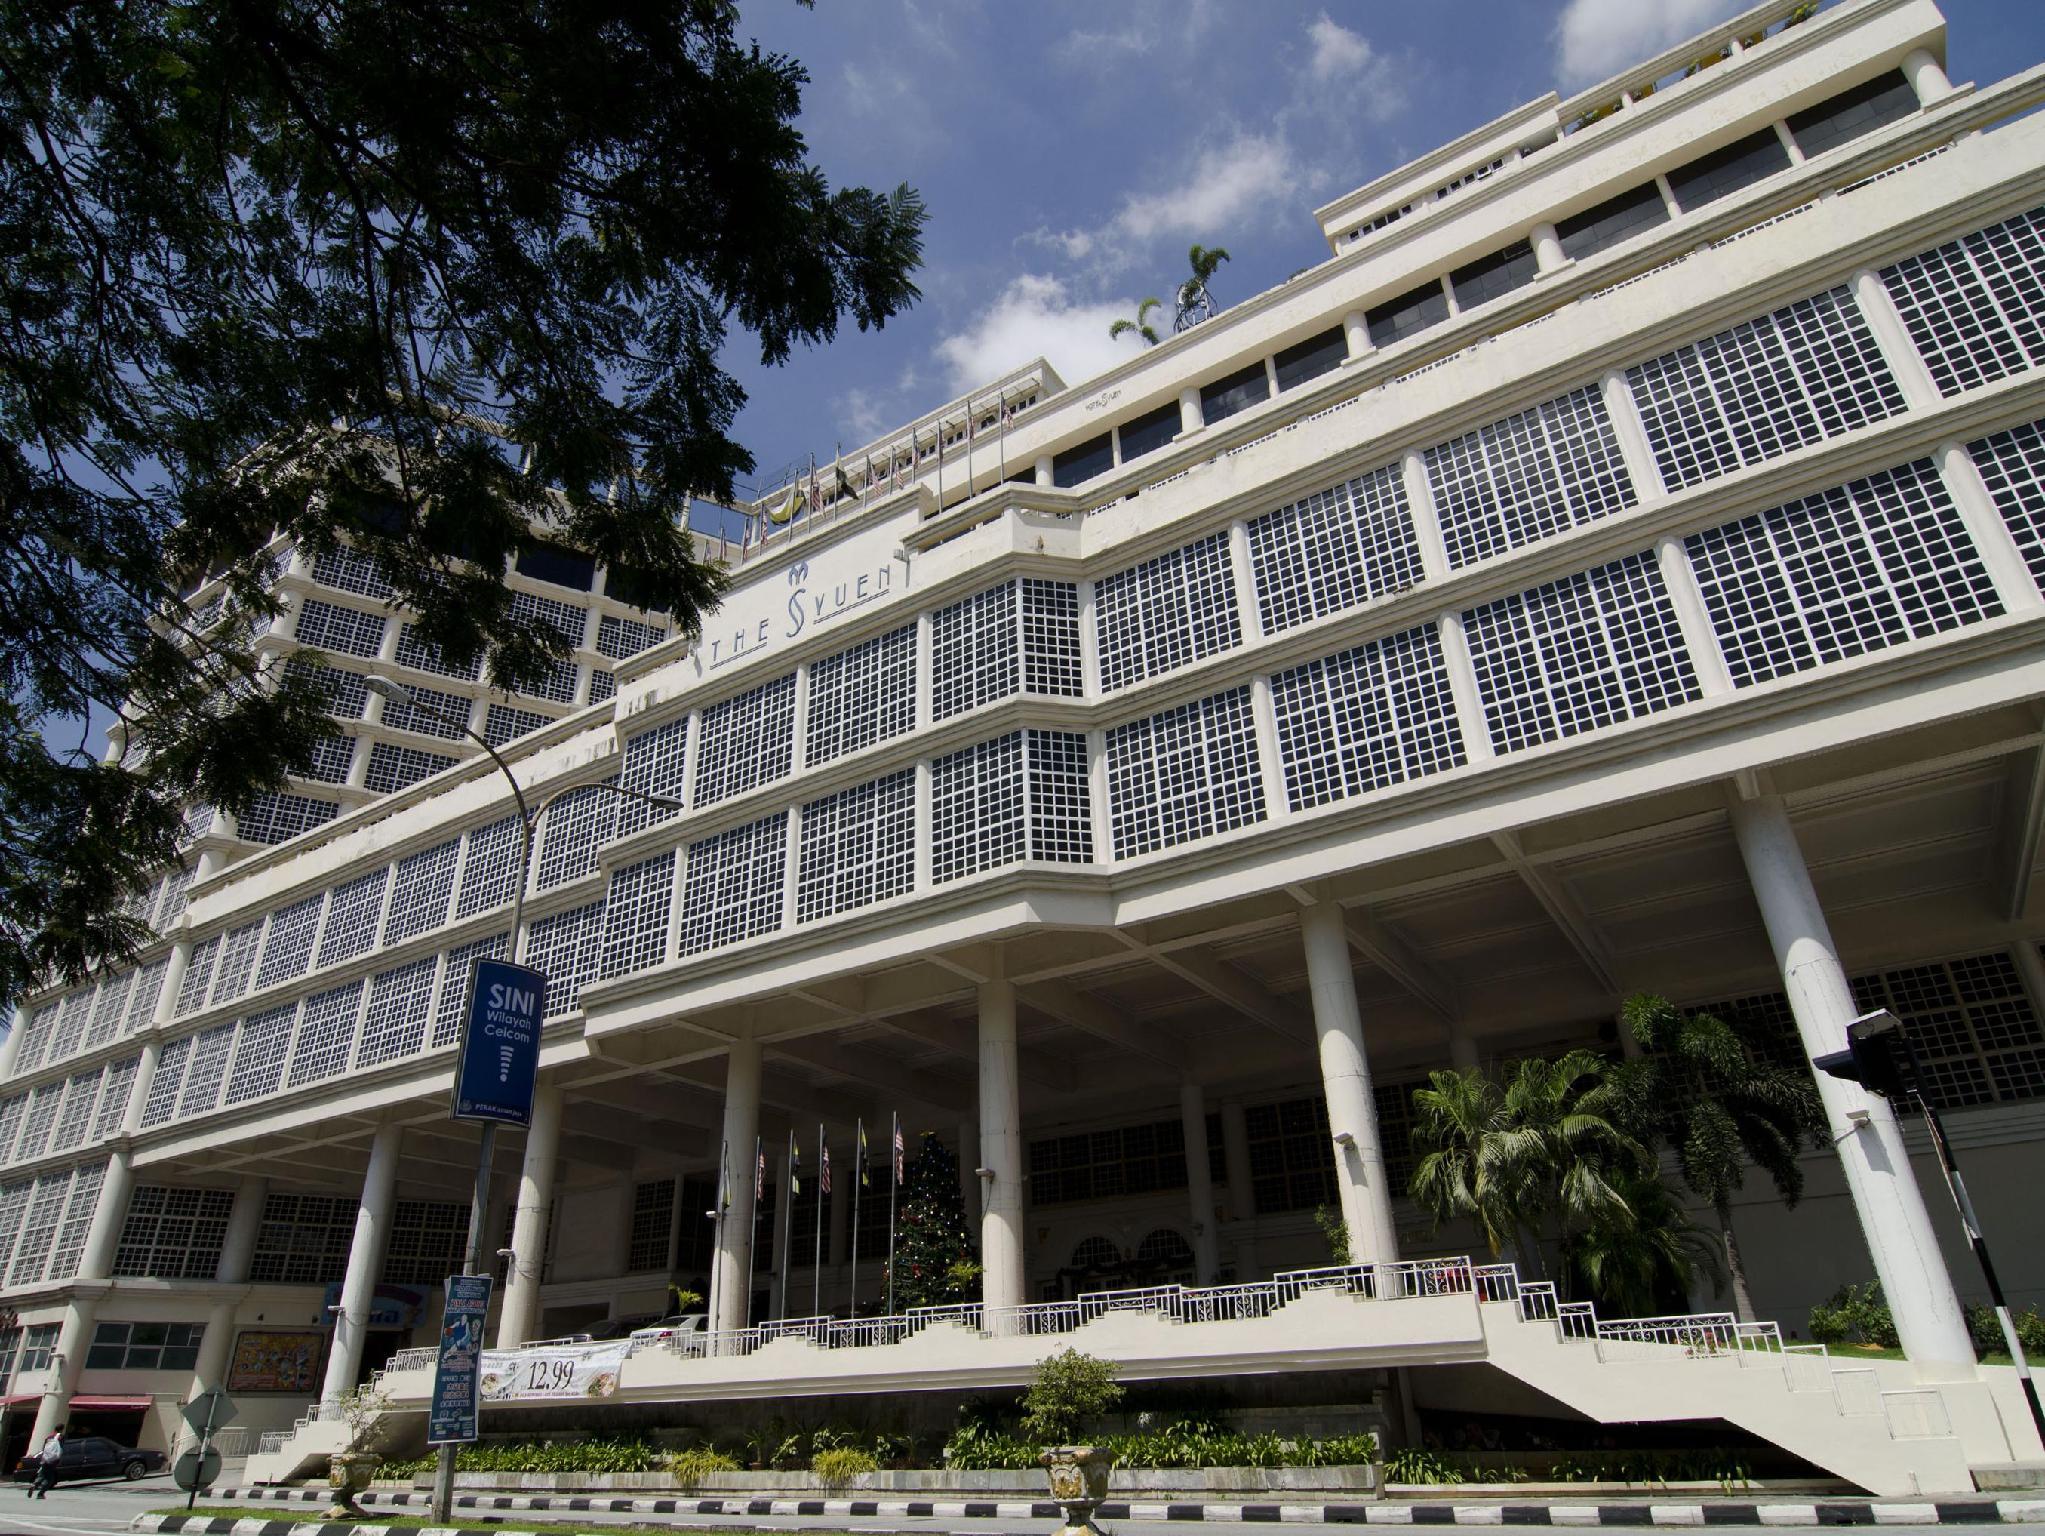 Syeun Hotel